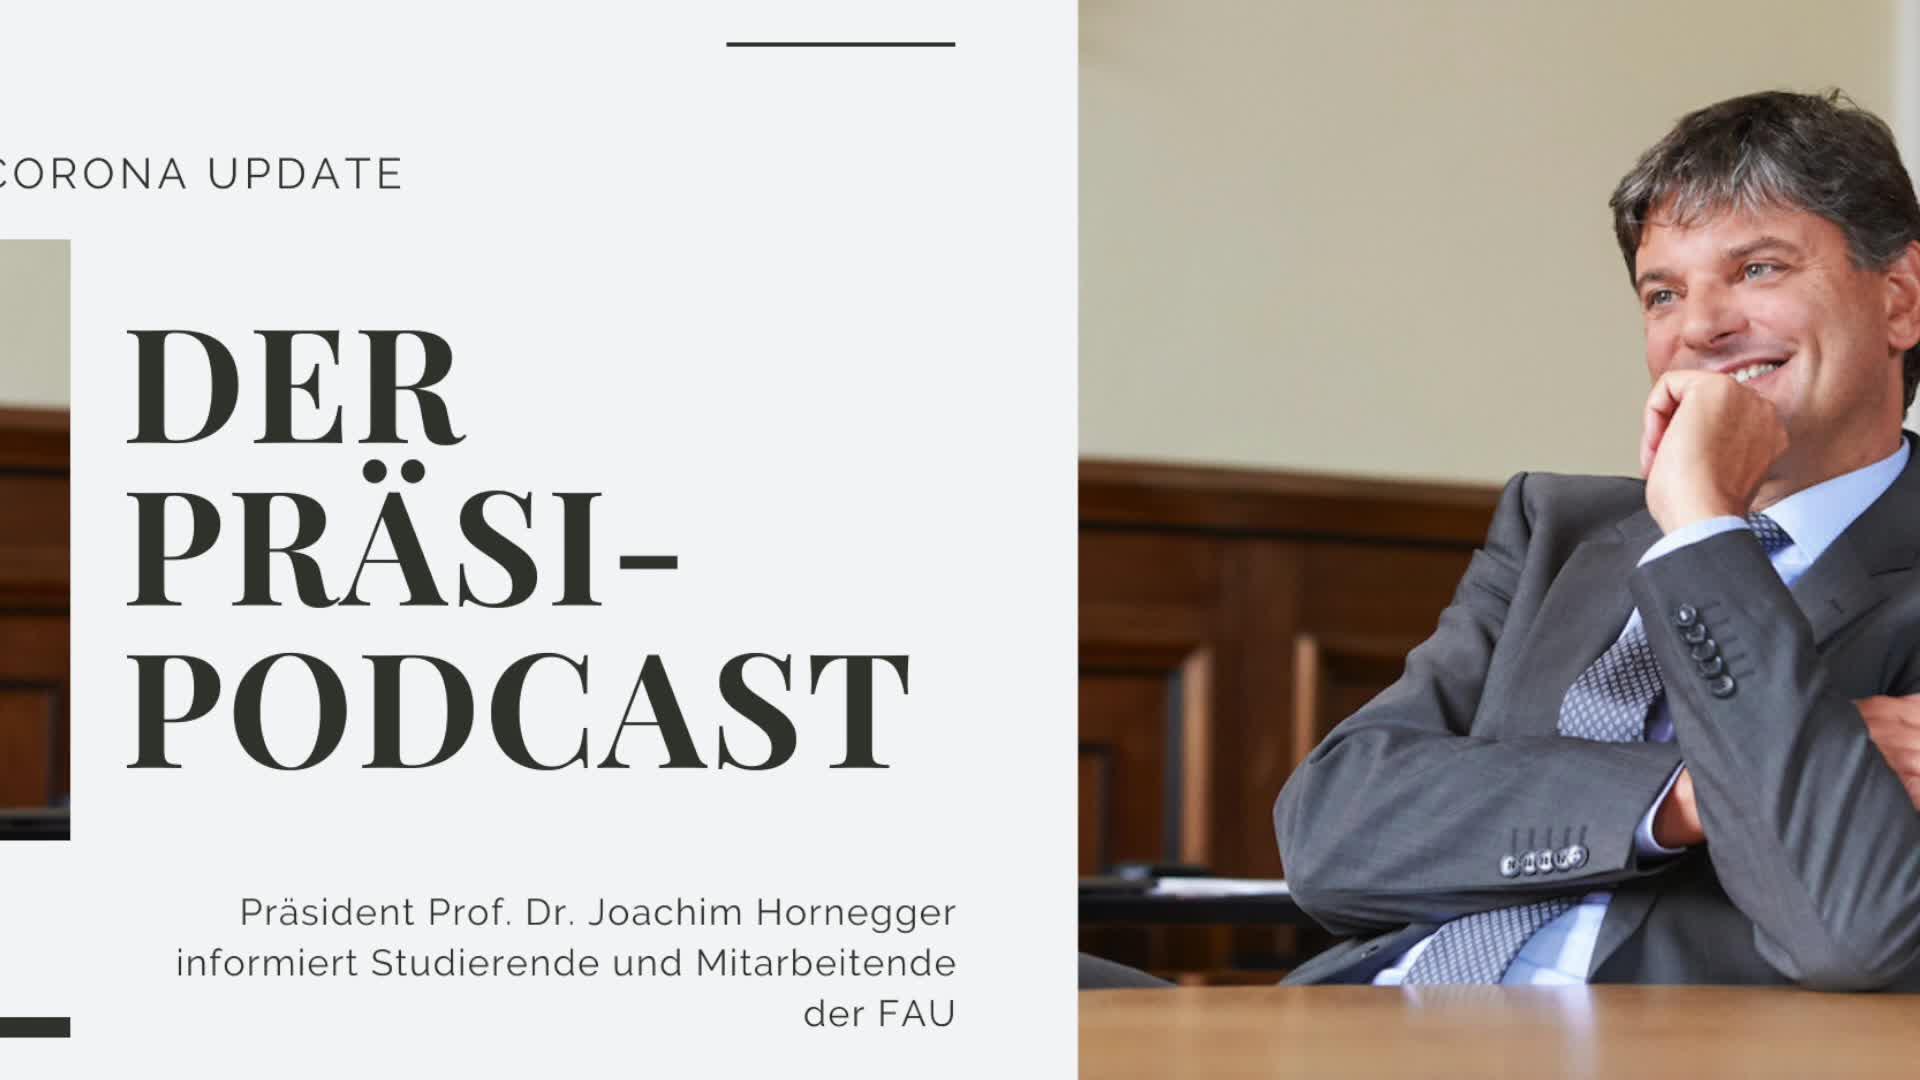 """""""Der Präsi-Podcast"""" vom 24. März 2020 preview image"""